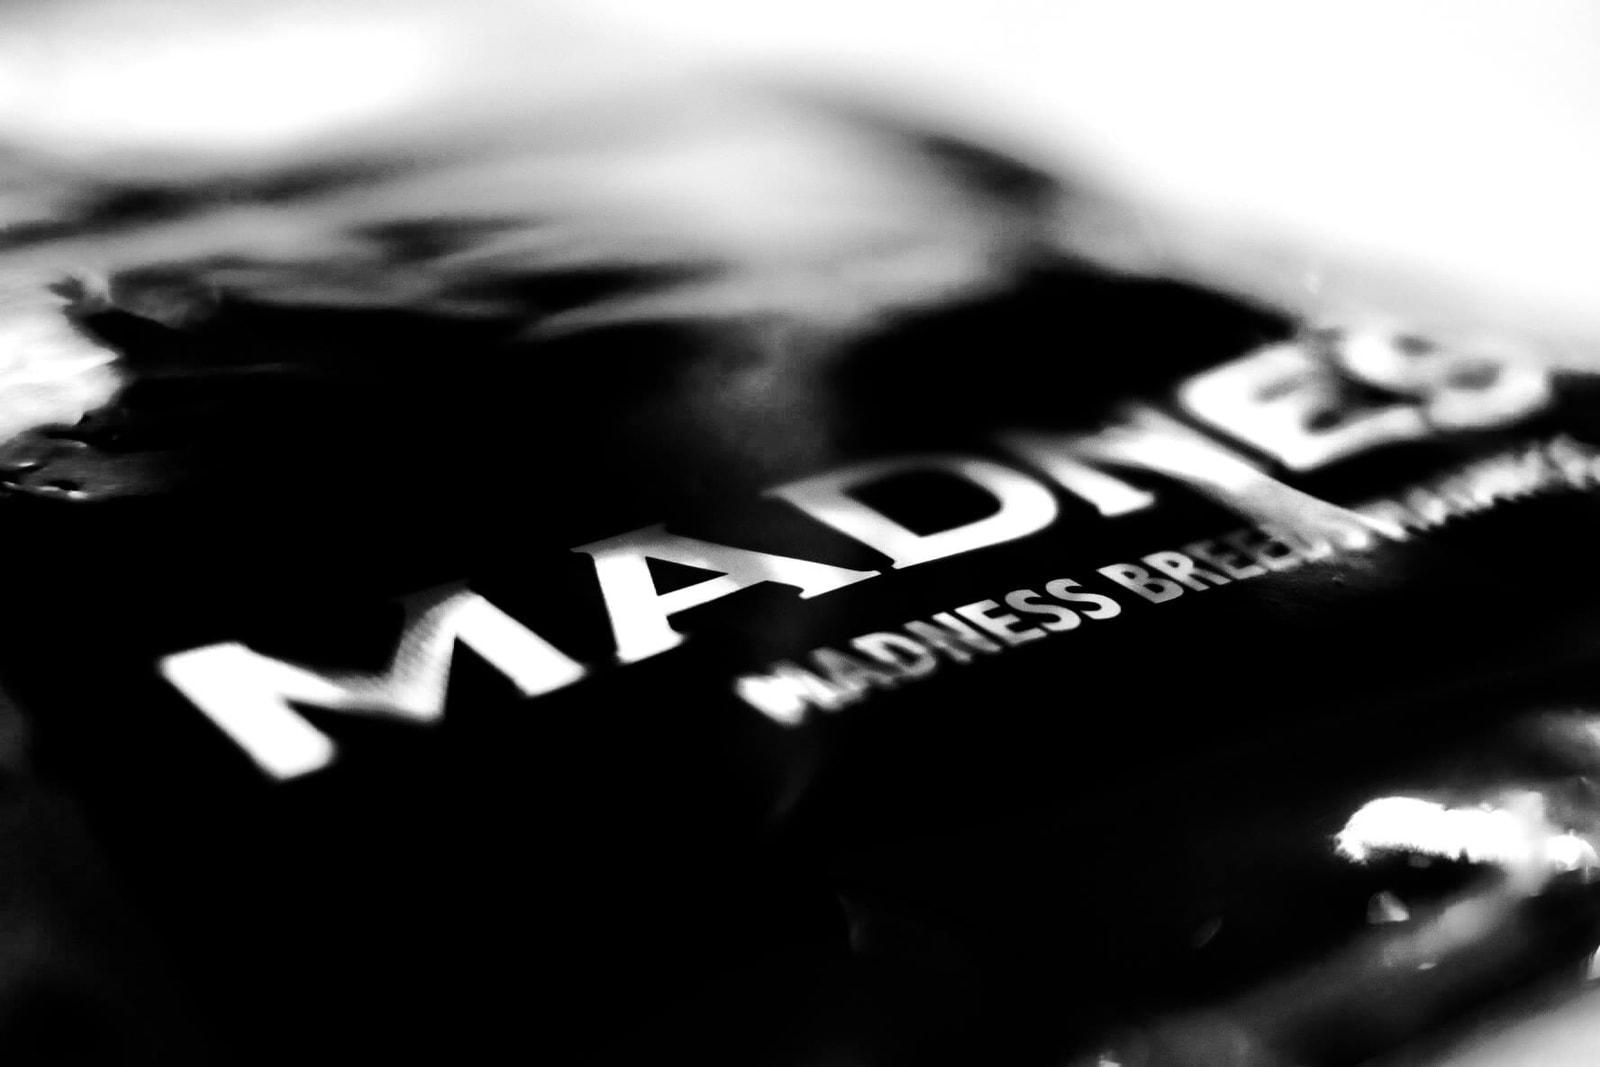 MADNESS 四年紀-專訪主腦余文樂揭示品牌深度故事